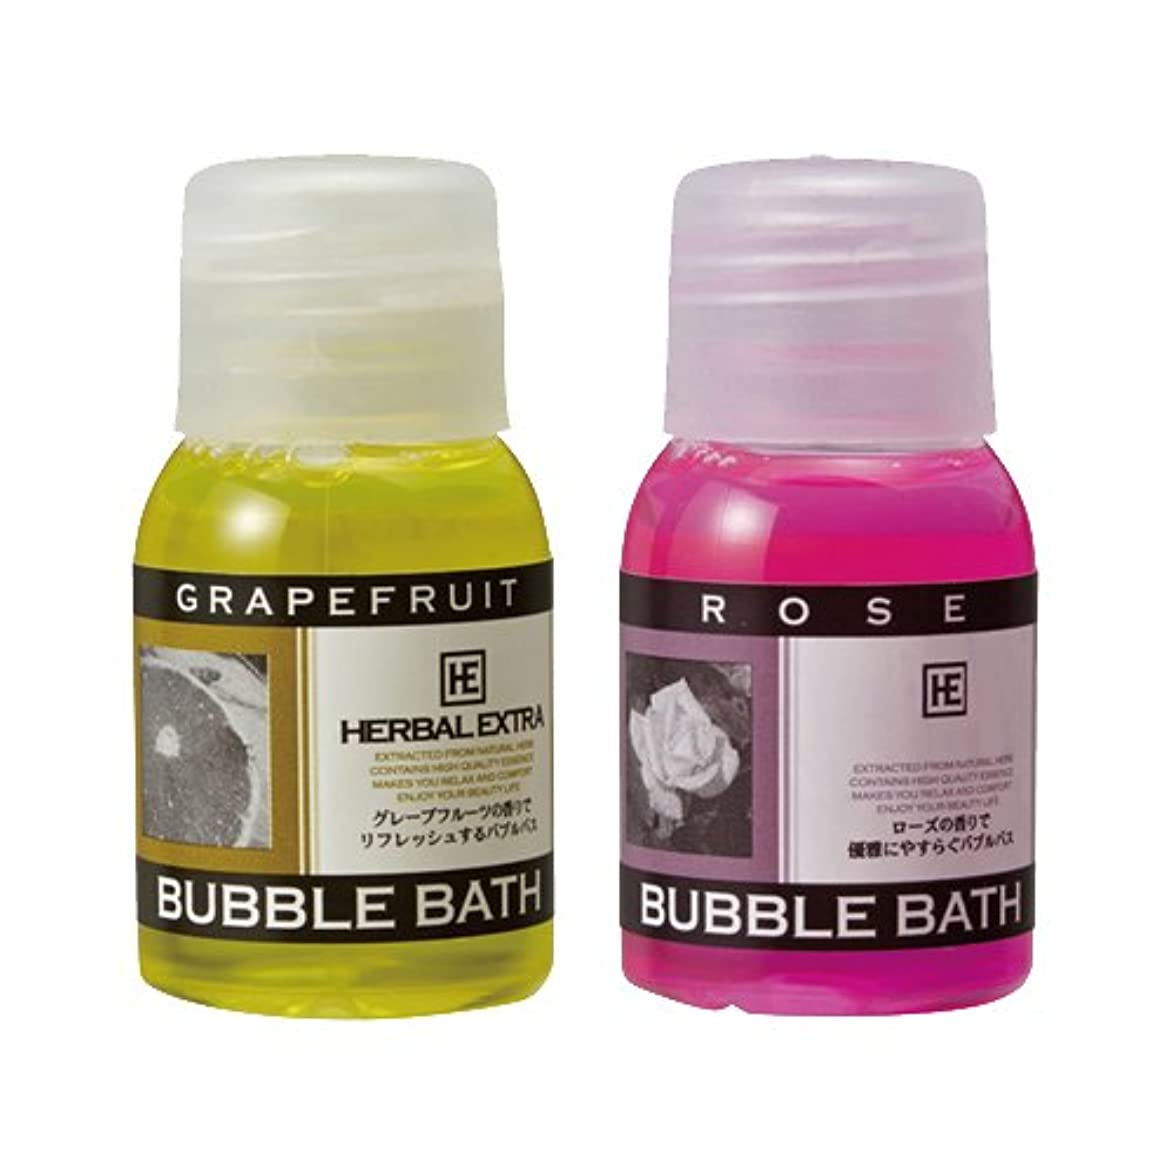 放置オートメーション基本的なハーバルエクストラ バブルバス ミニボトル × おまかせアソート10個セット - ホテルアメニティ 業務用 発泡入浴剤 (BUBBLE BATH)